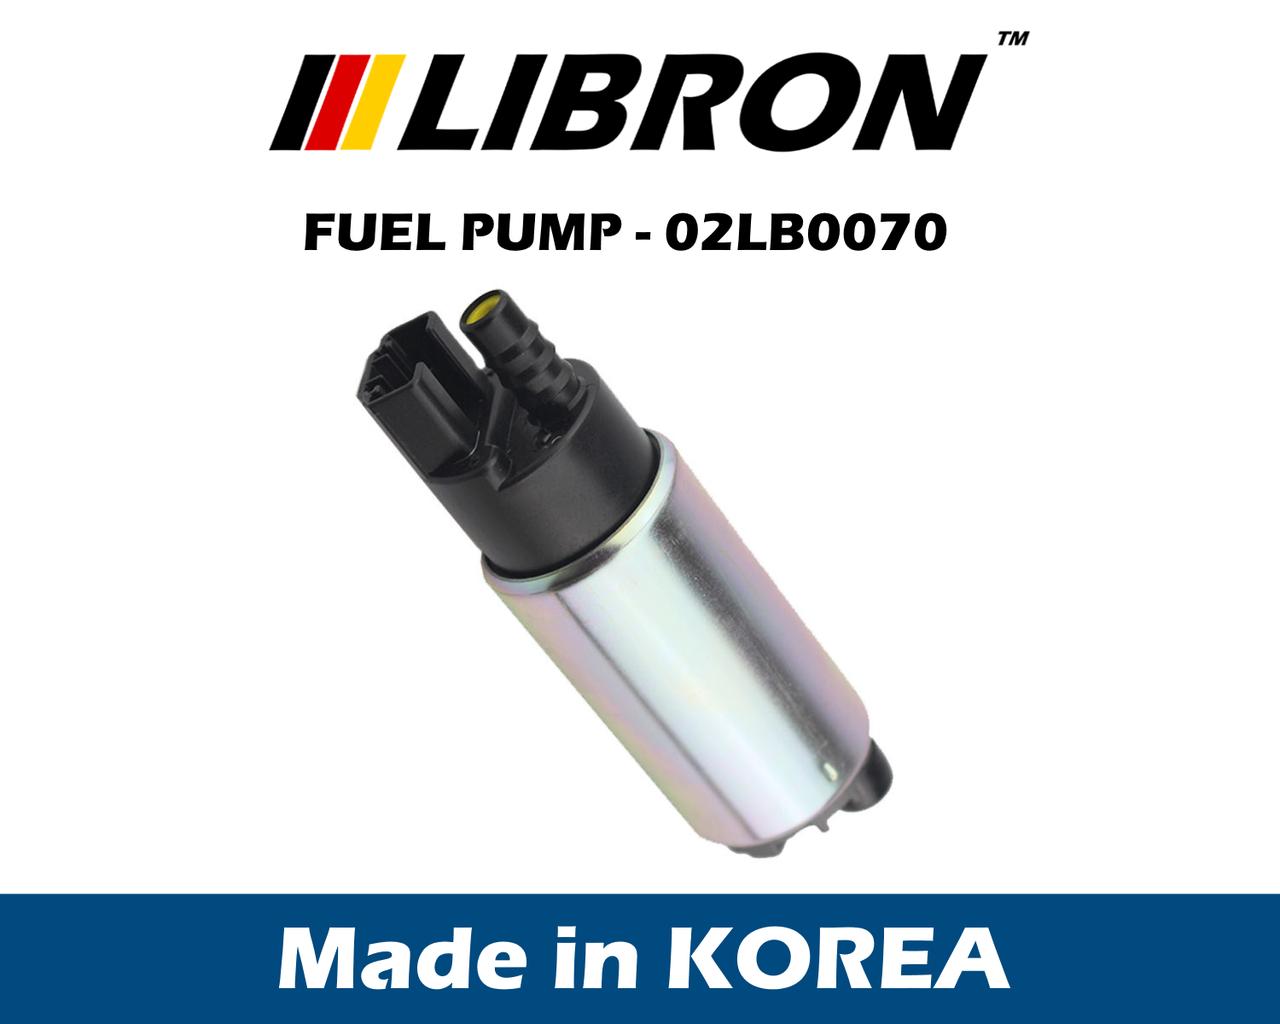 Топливный насос LIBRON 02LB0070 - MAZDA 323 S IV (BG) (1989-1994)